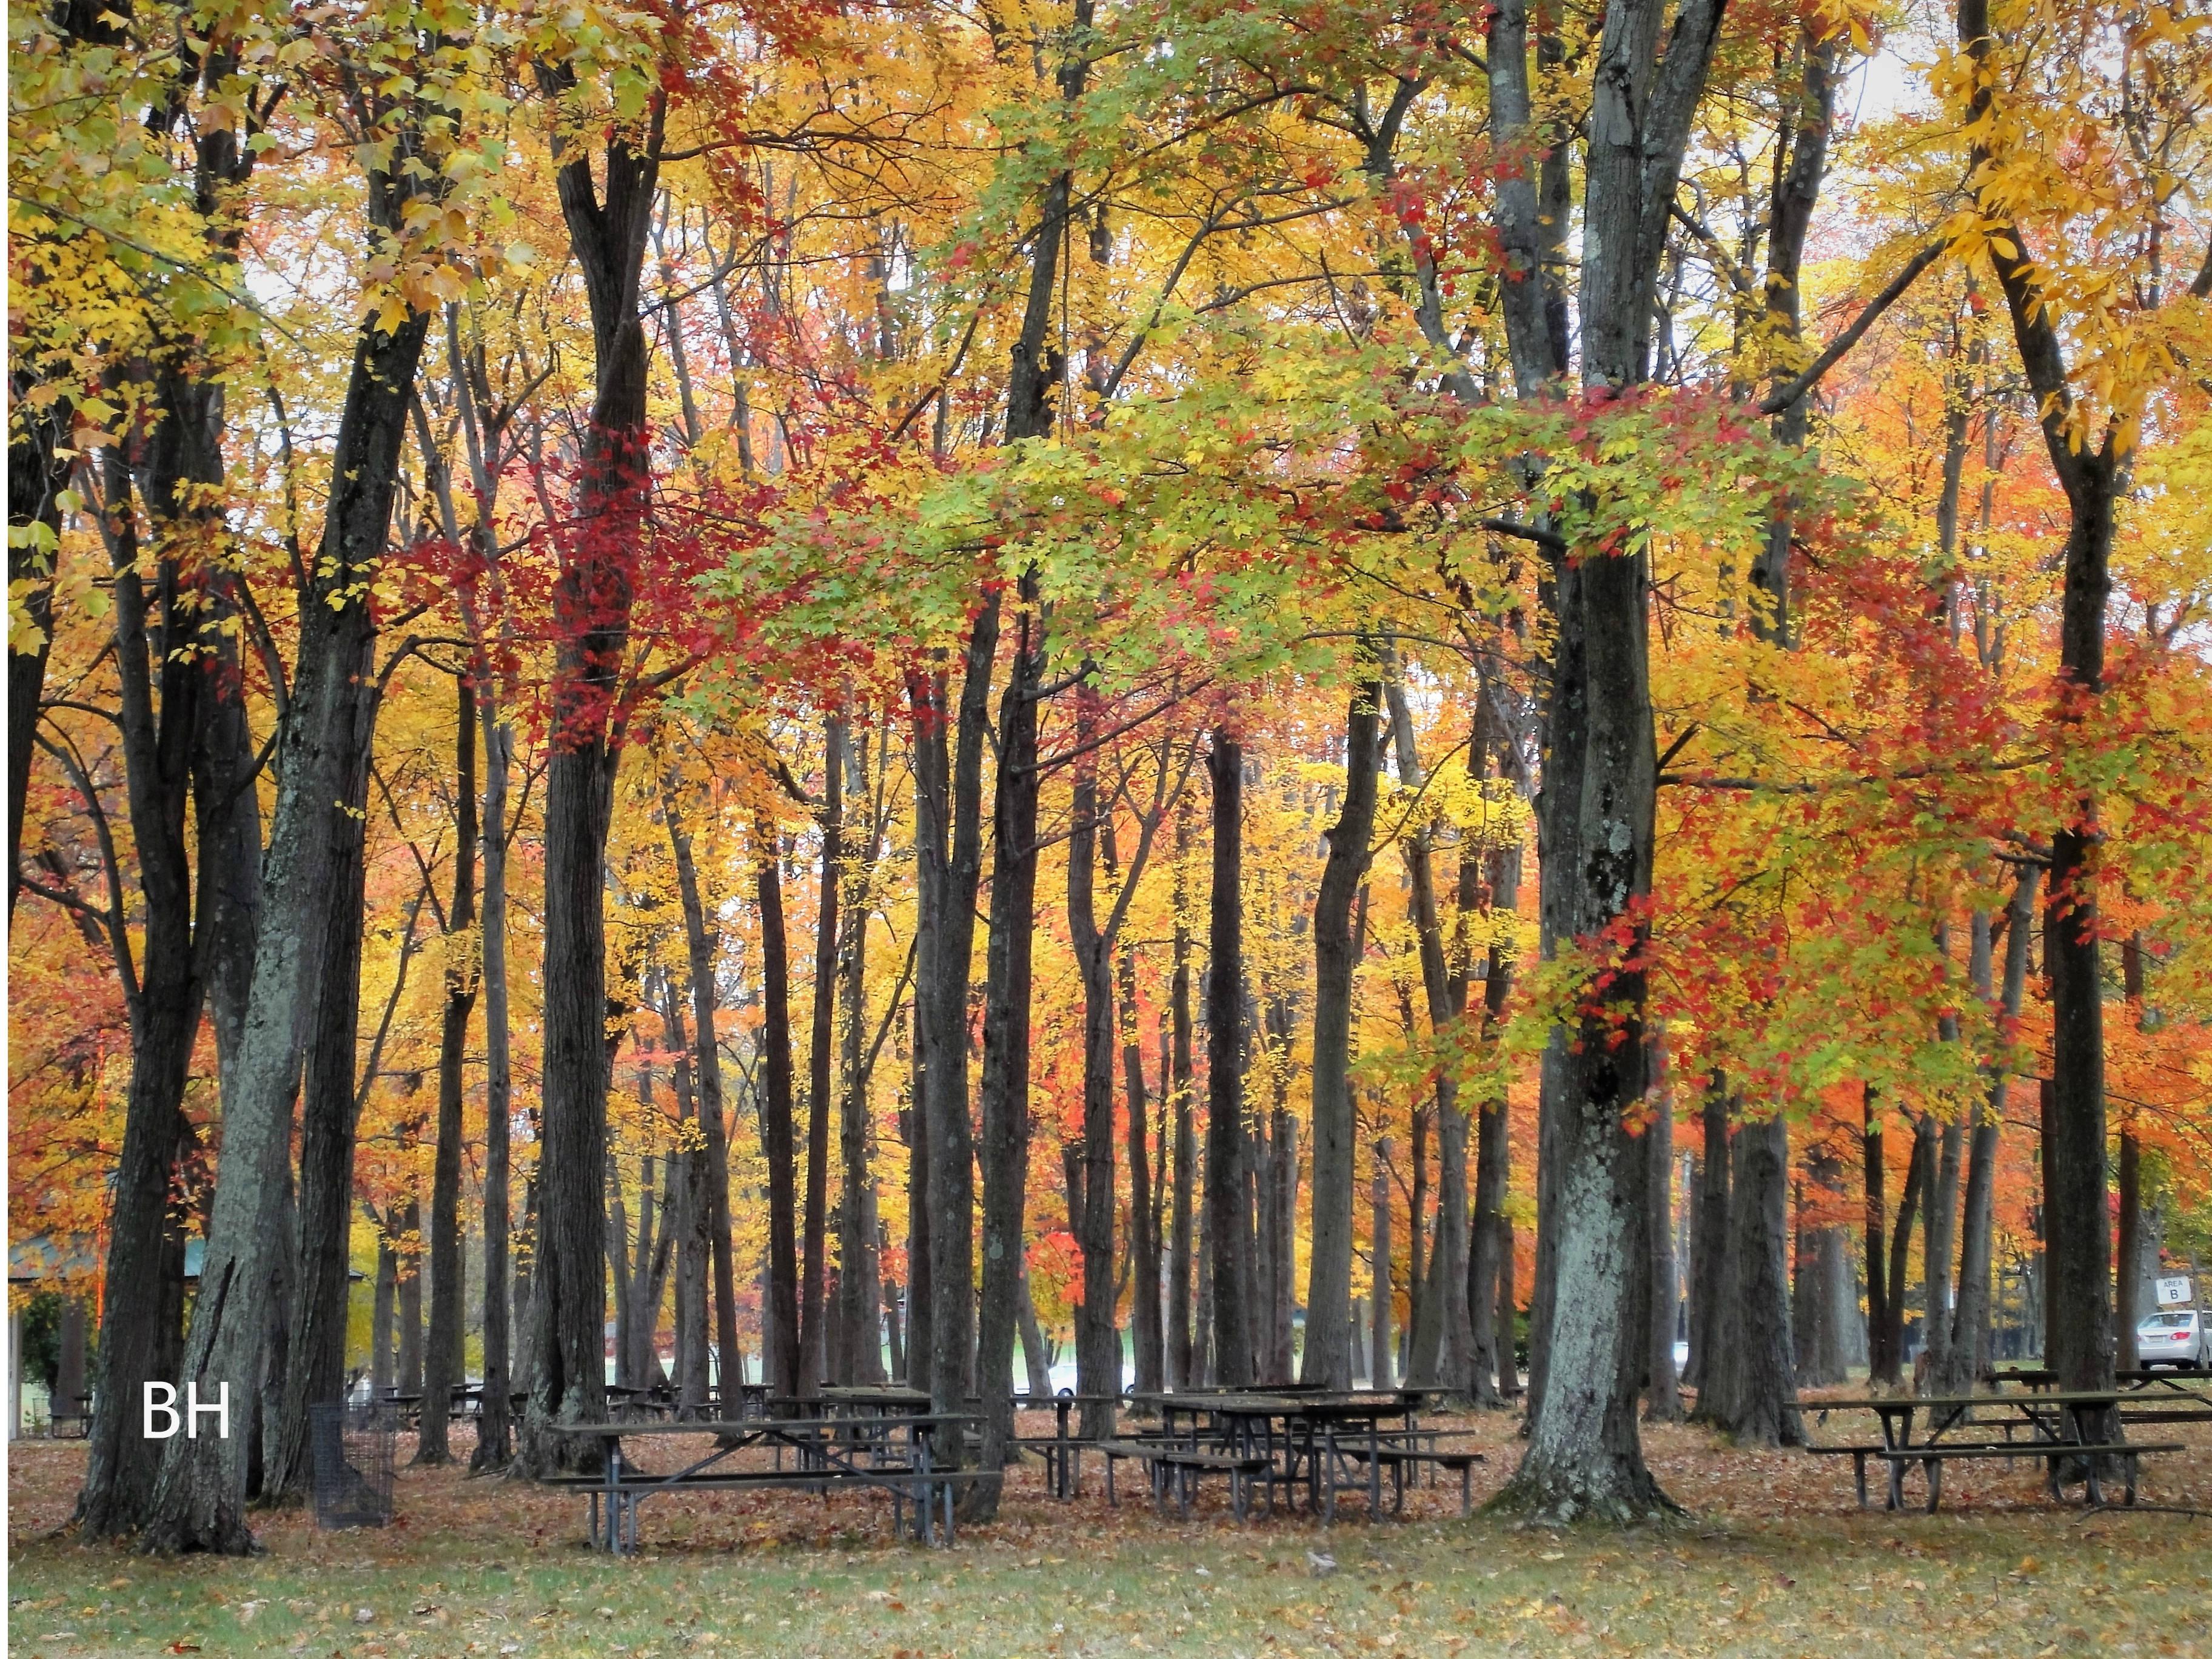 bergen county nj fall days leaf peeping in new jersey